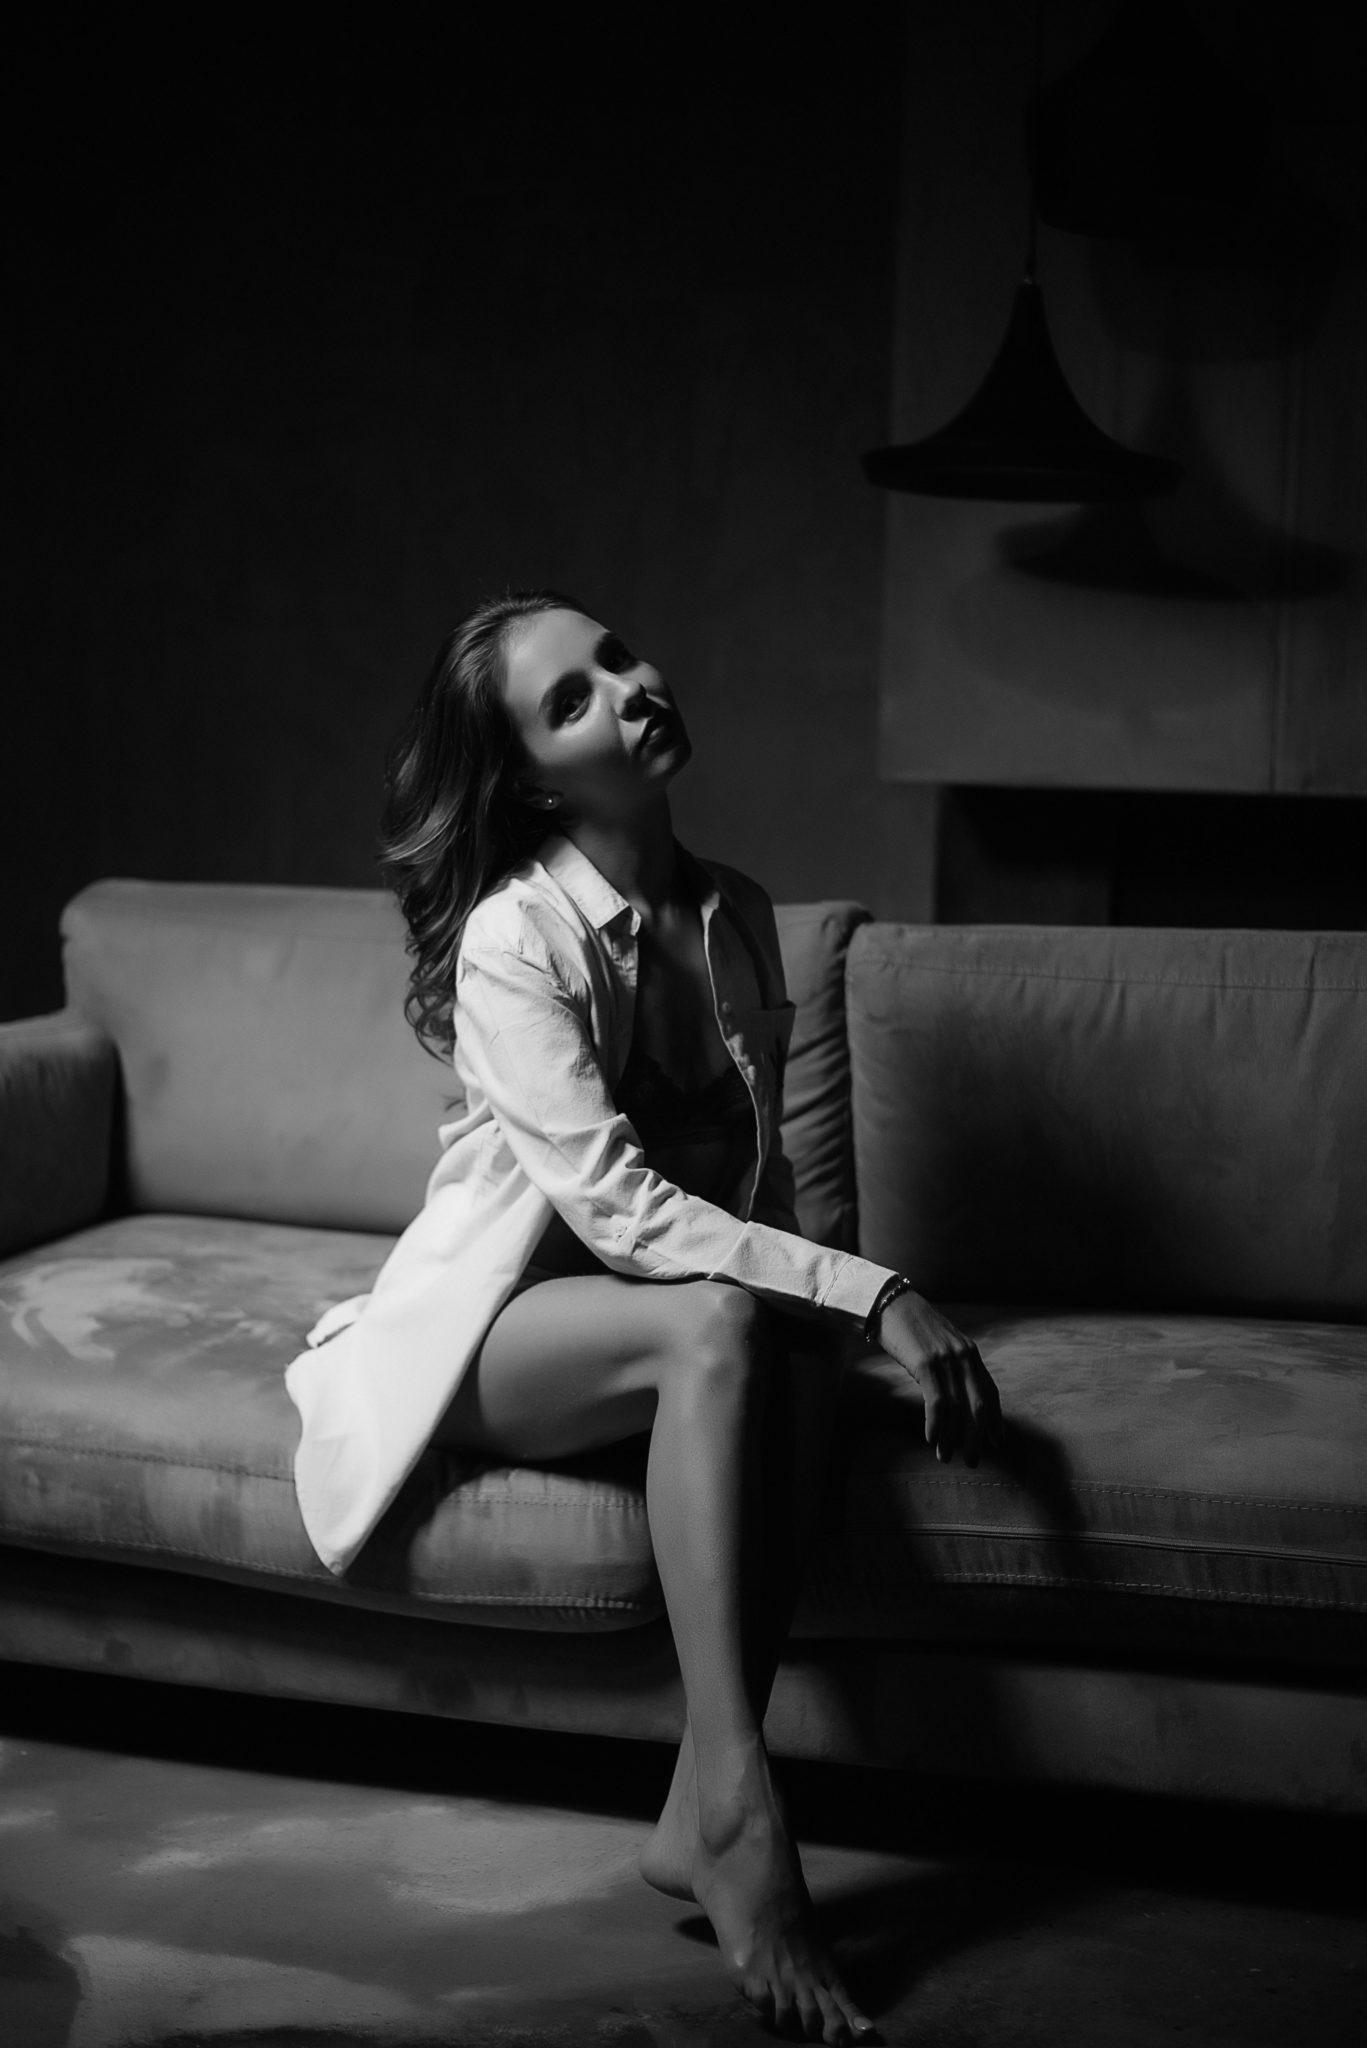 Экспресс фотосессия, девушка в белой рубашке на диване